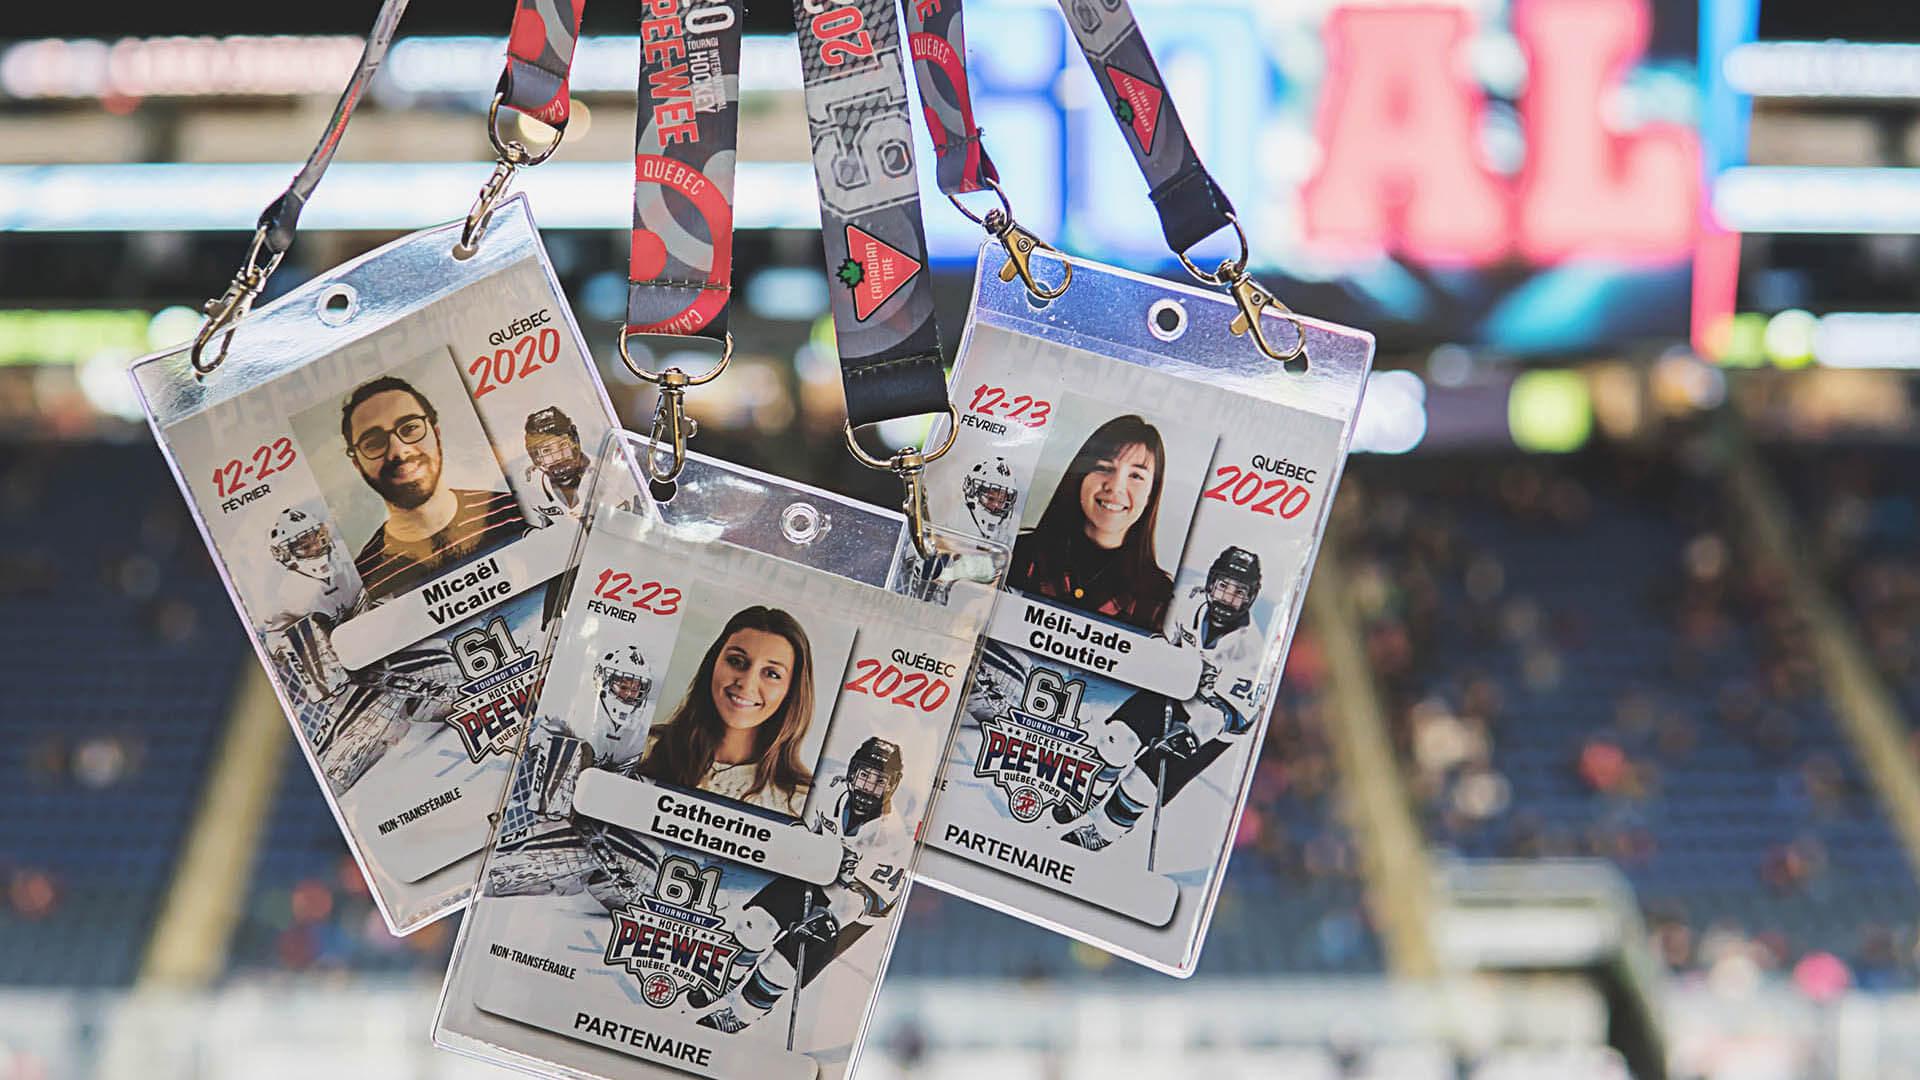 Plan de communication |Cocardes des gestionnaires de communauté |Tournoi International de hockey Pee-Wee de Québec